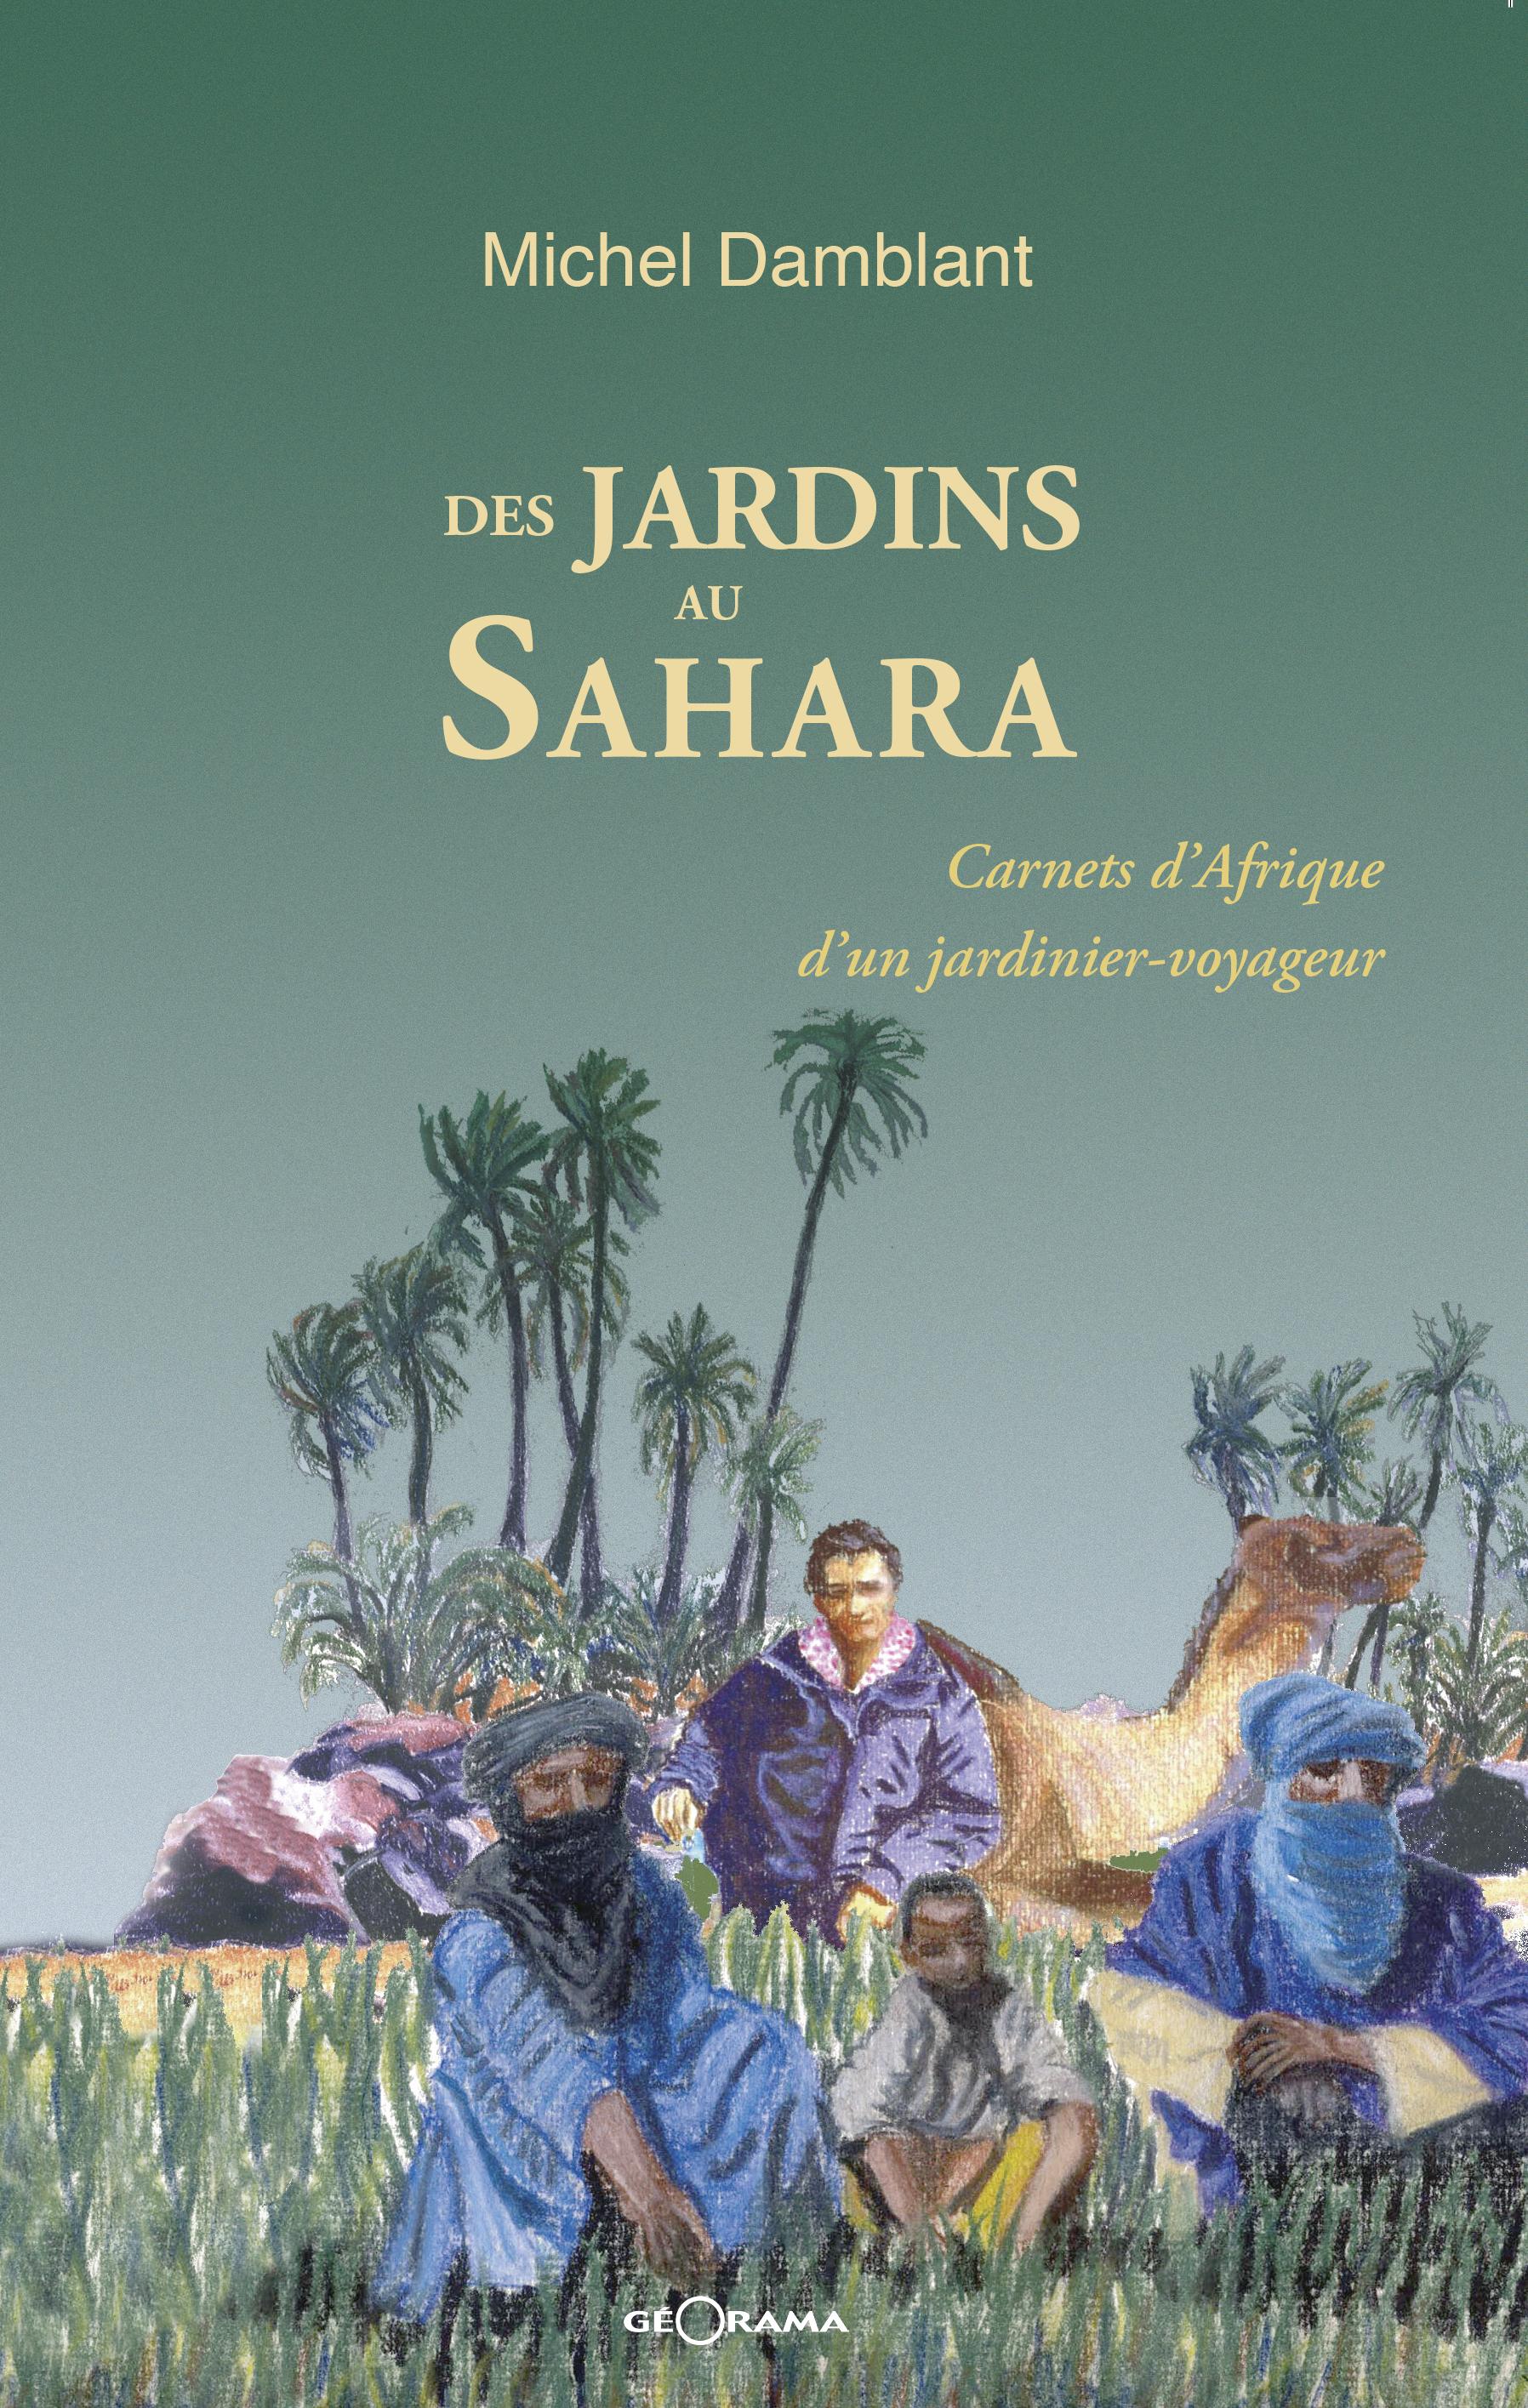 Des jardins au Sahara, CARNETS D'AFRIQUE D'UN JARDINIER VOYAGEUR